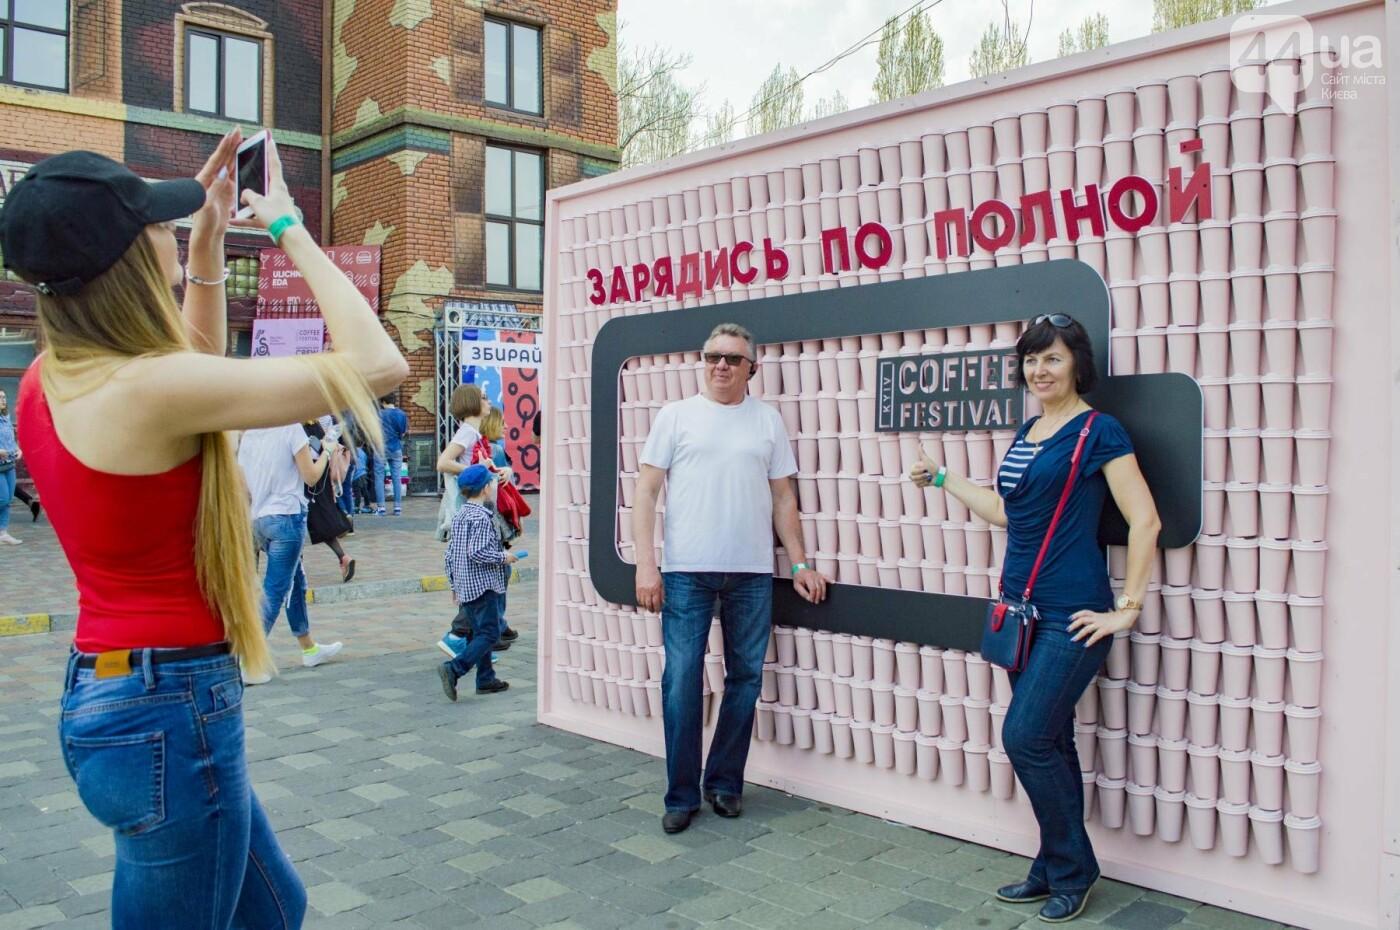 В Киеве прошел самый масштабный кофейный фестиваль страны, фото-3